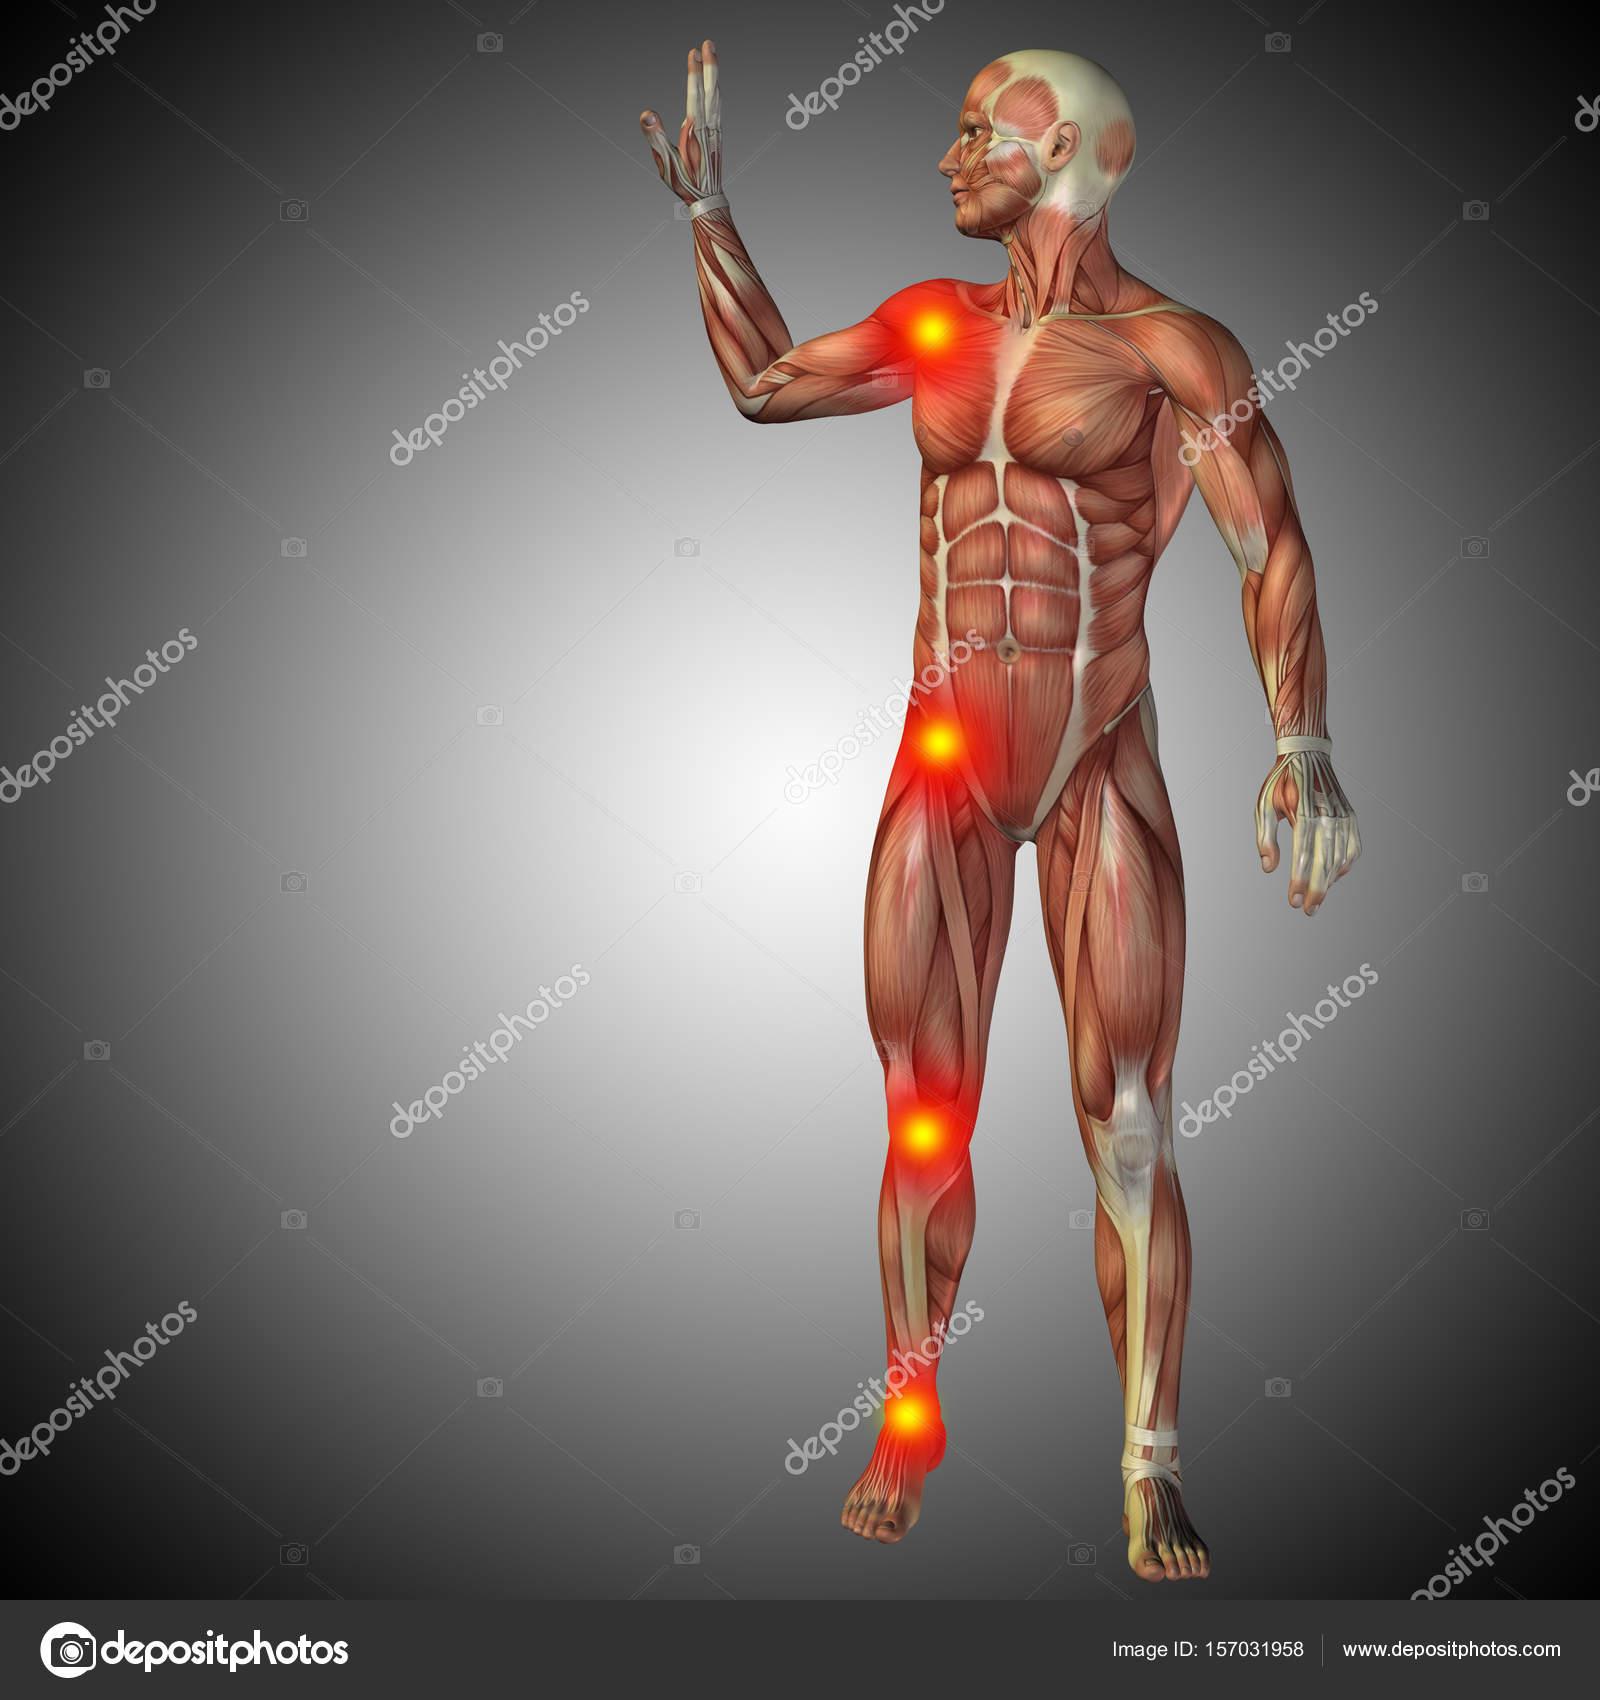 menschliche Anatomie Körper — Stockfoto © design36 #157031958